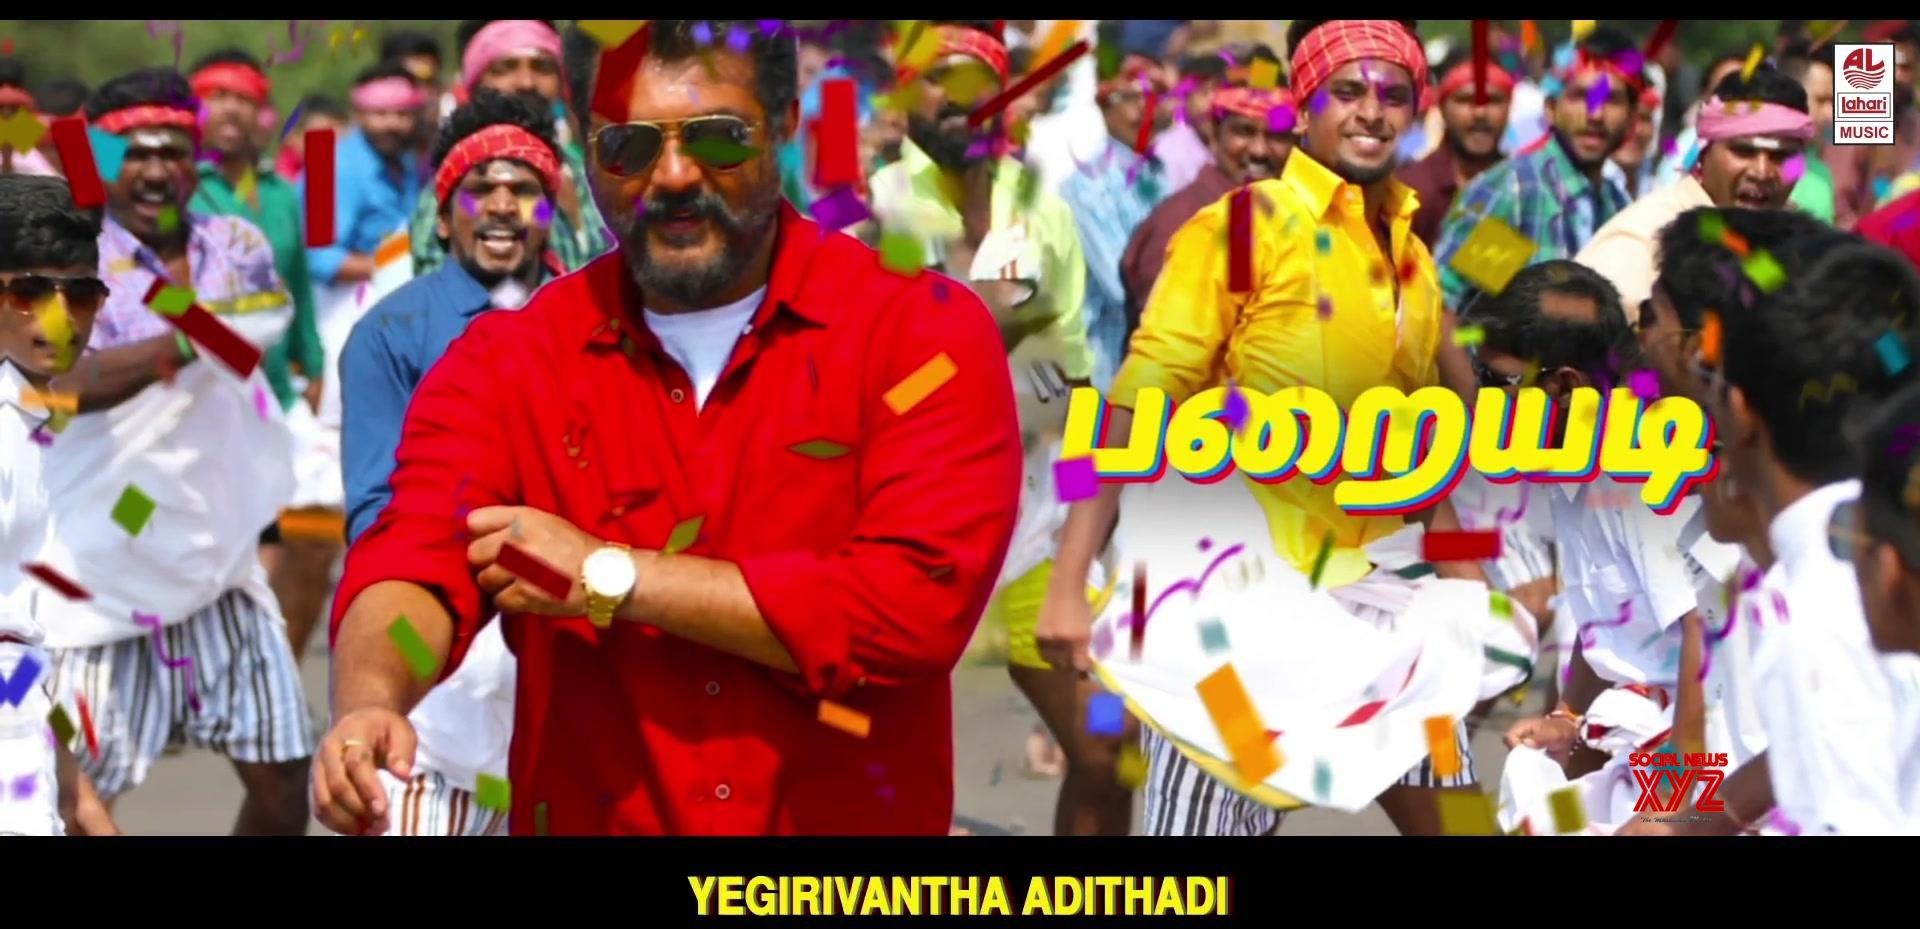 Vettikattu Song Stills From Viswasam Movie